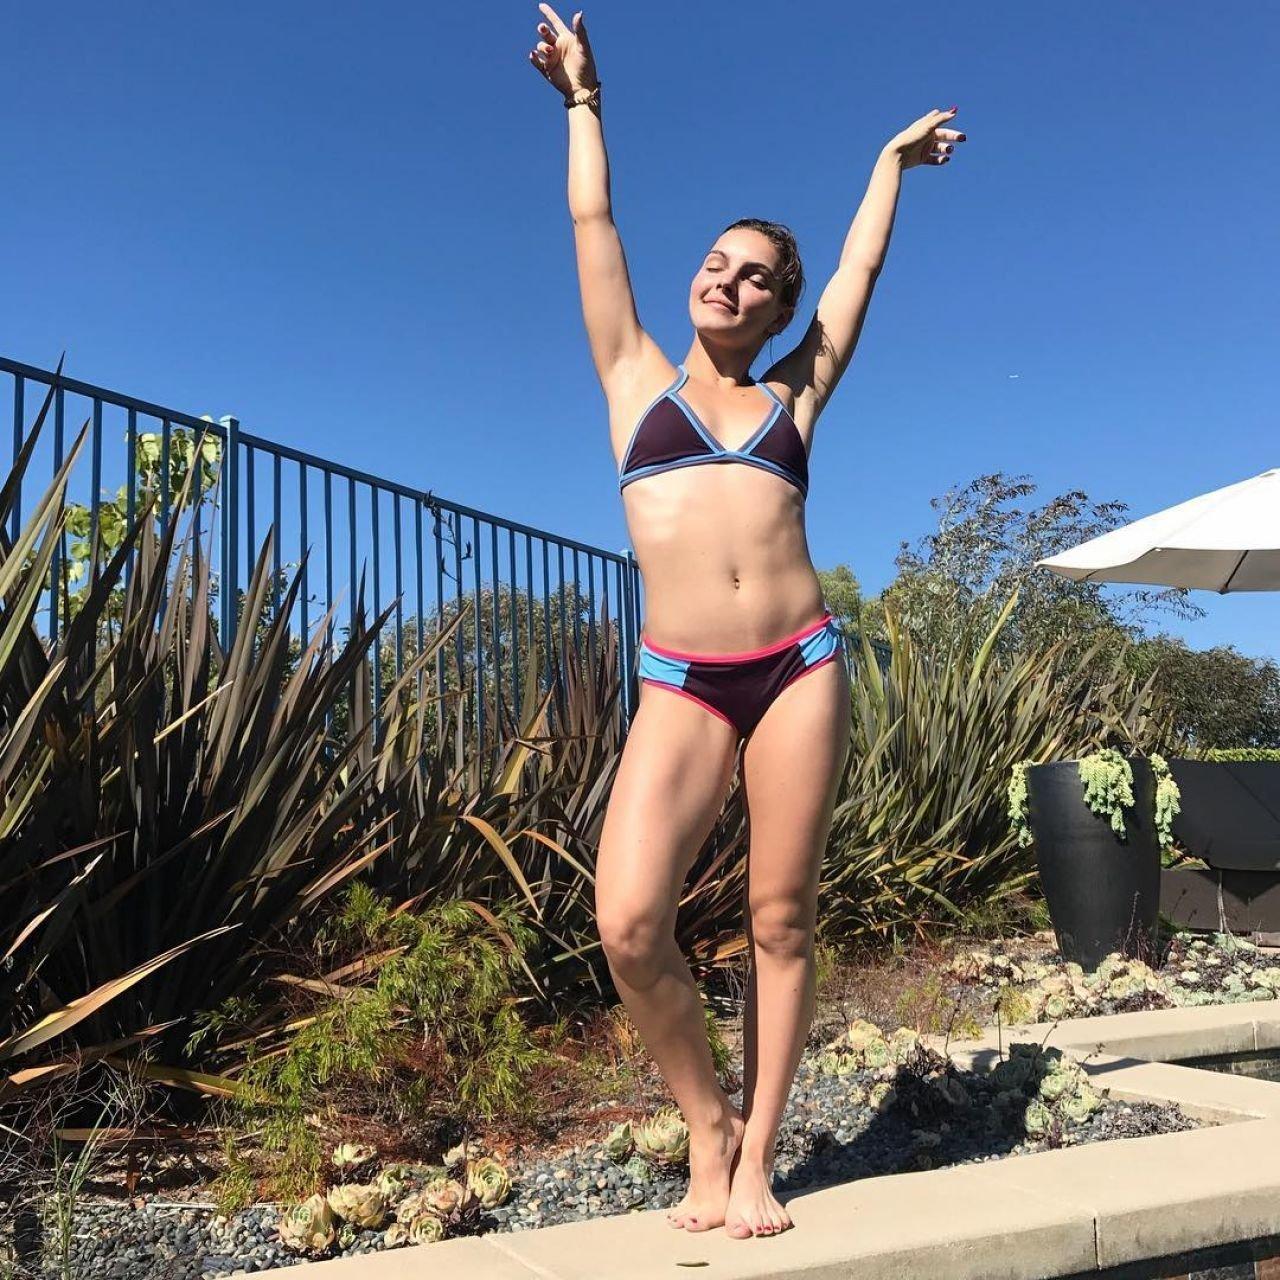 Camren Bicondova Bikini Photoshoot